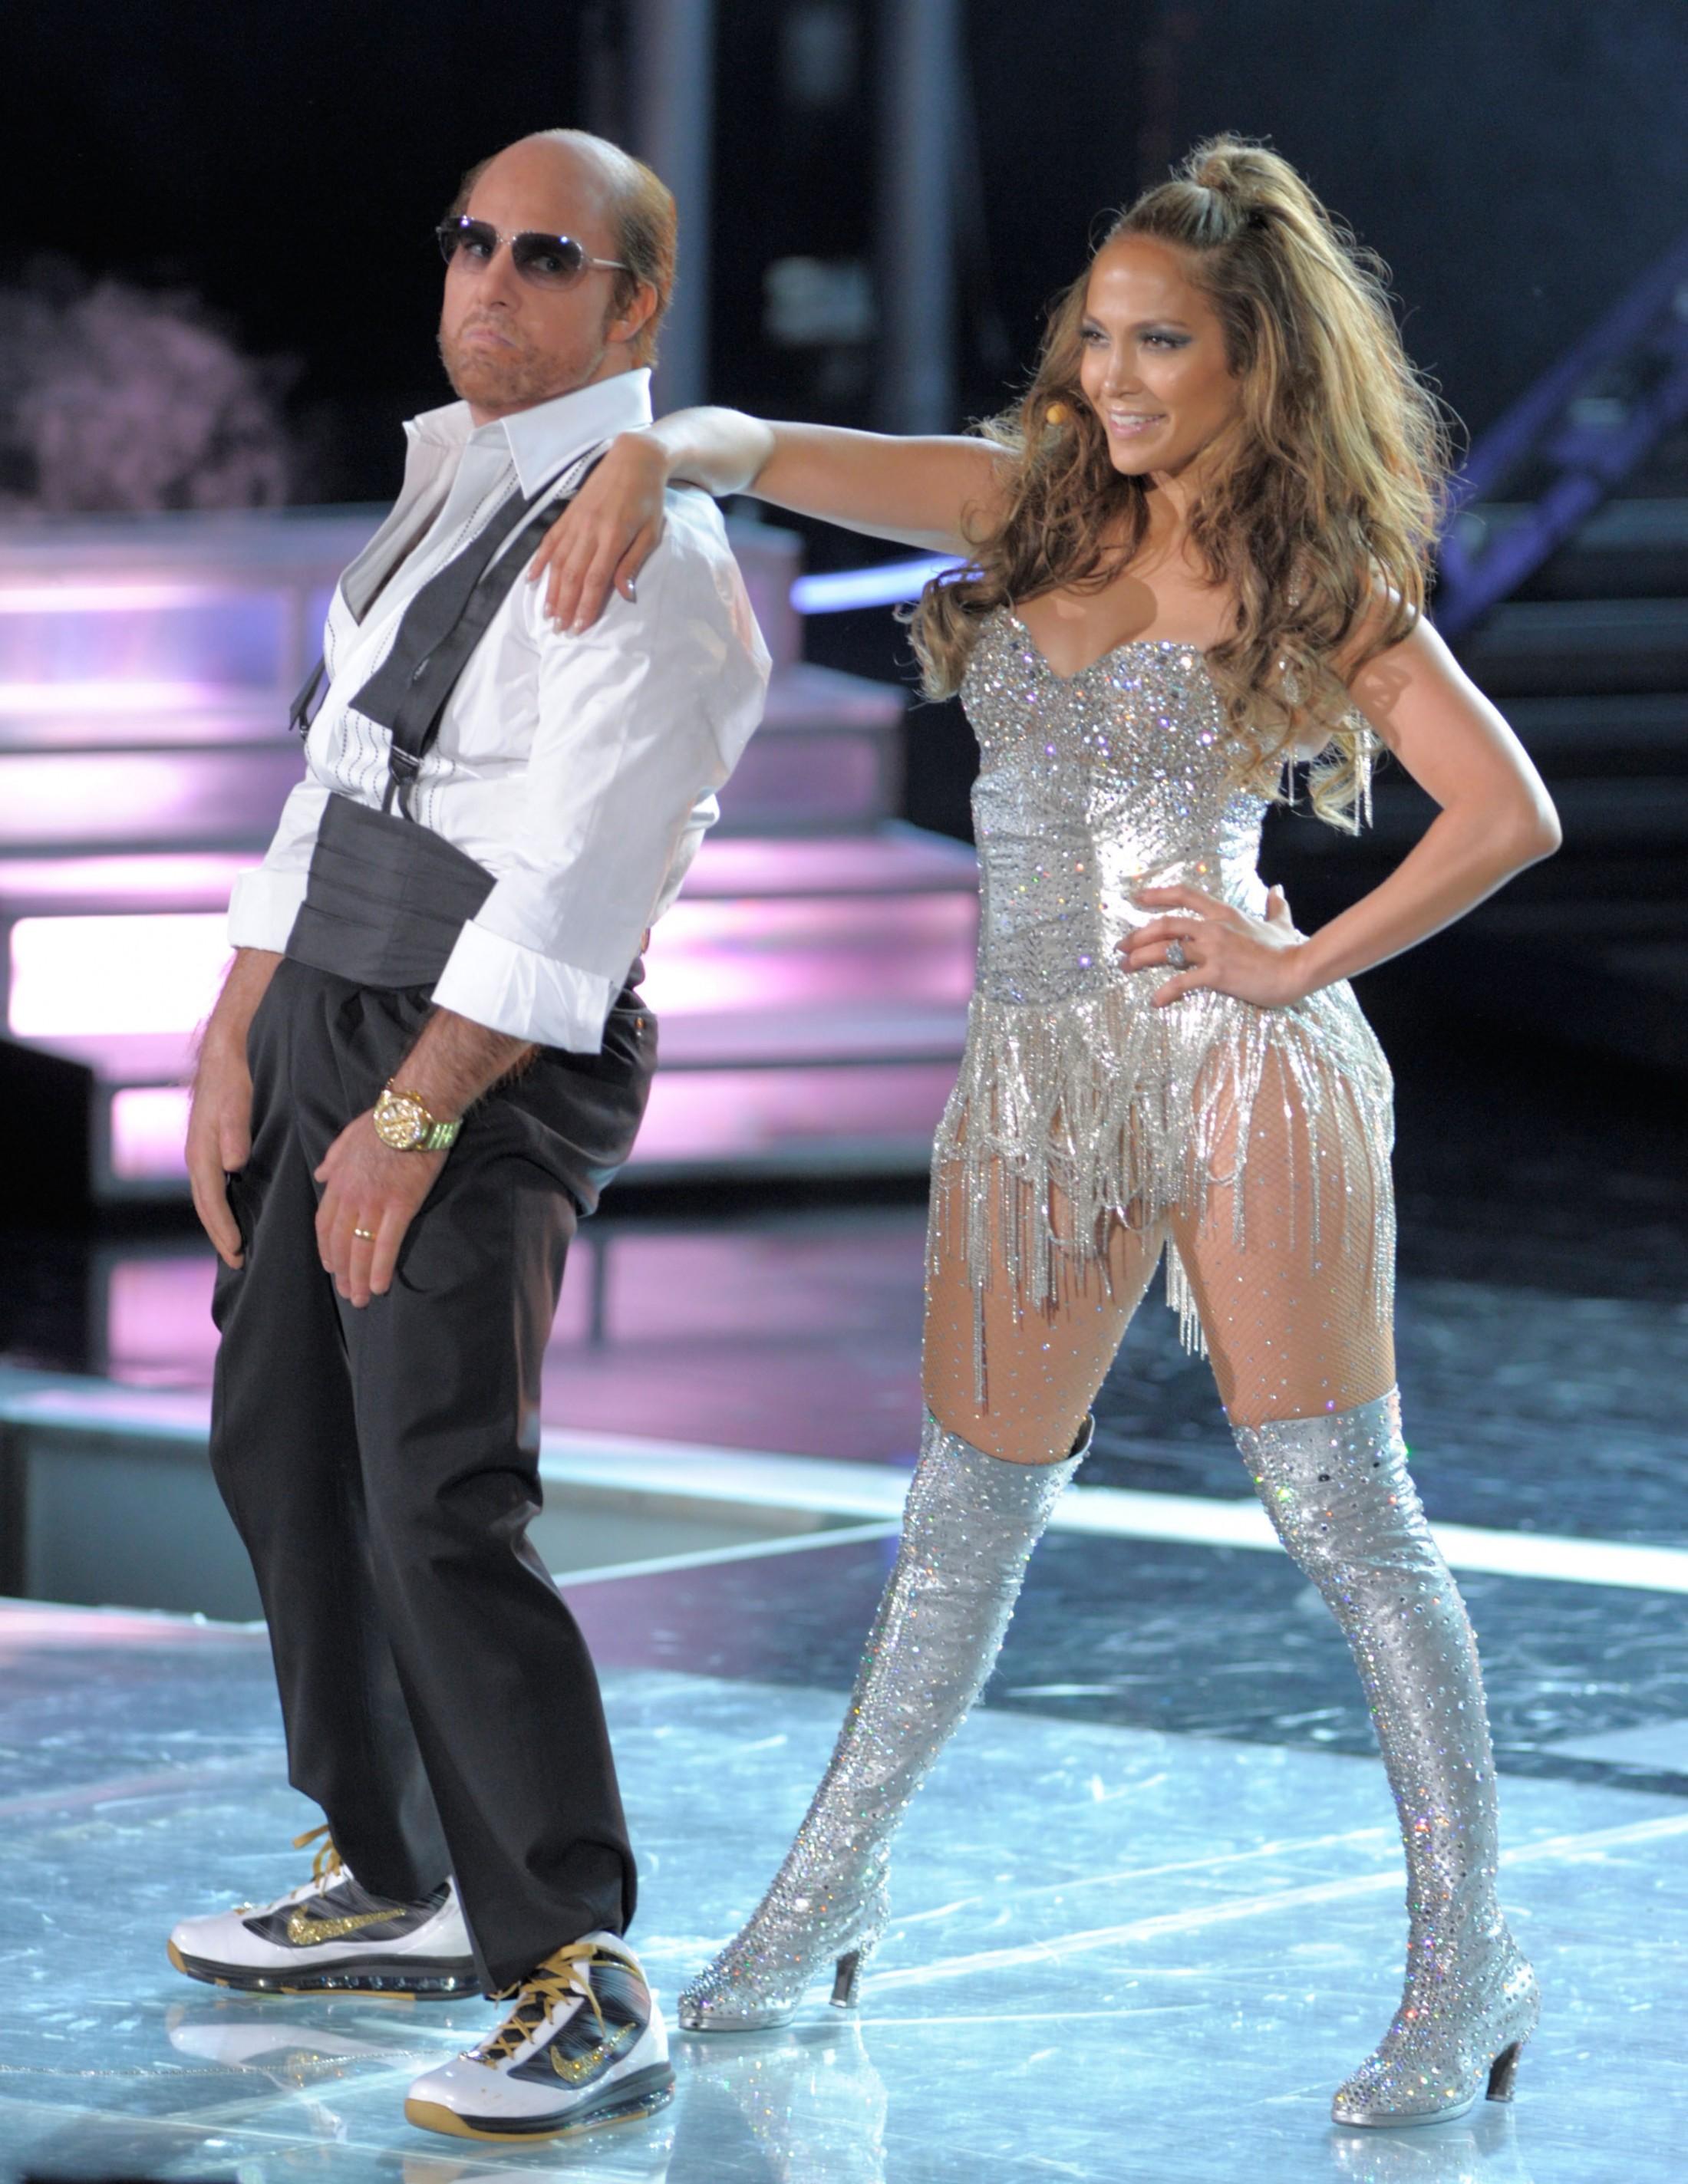 Jennifer Lopez 2010 : jennifer-lopez-performing-at-the-2010-mtv-movie-awards-05